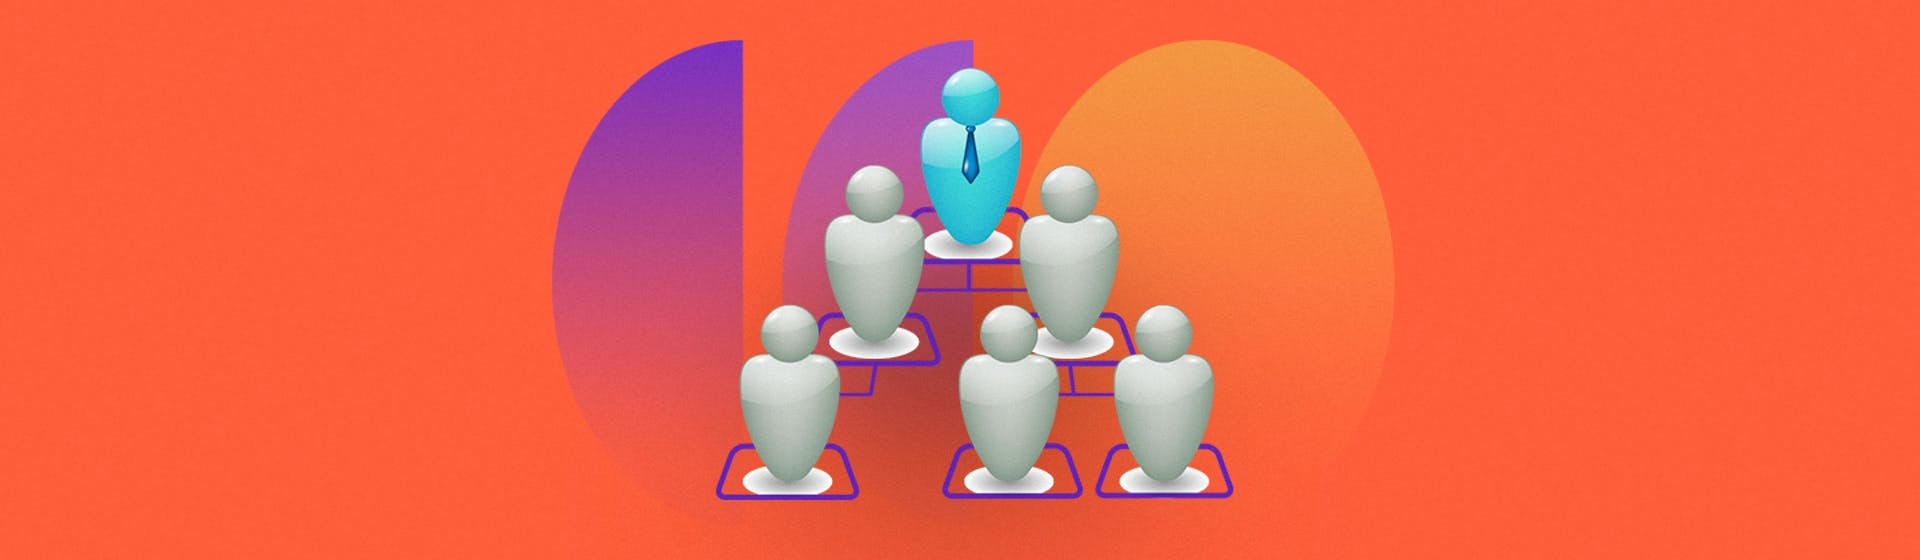 Stakeholders primarios y secundarios ¿Por qué son esenciales en los negocios?